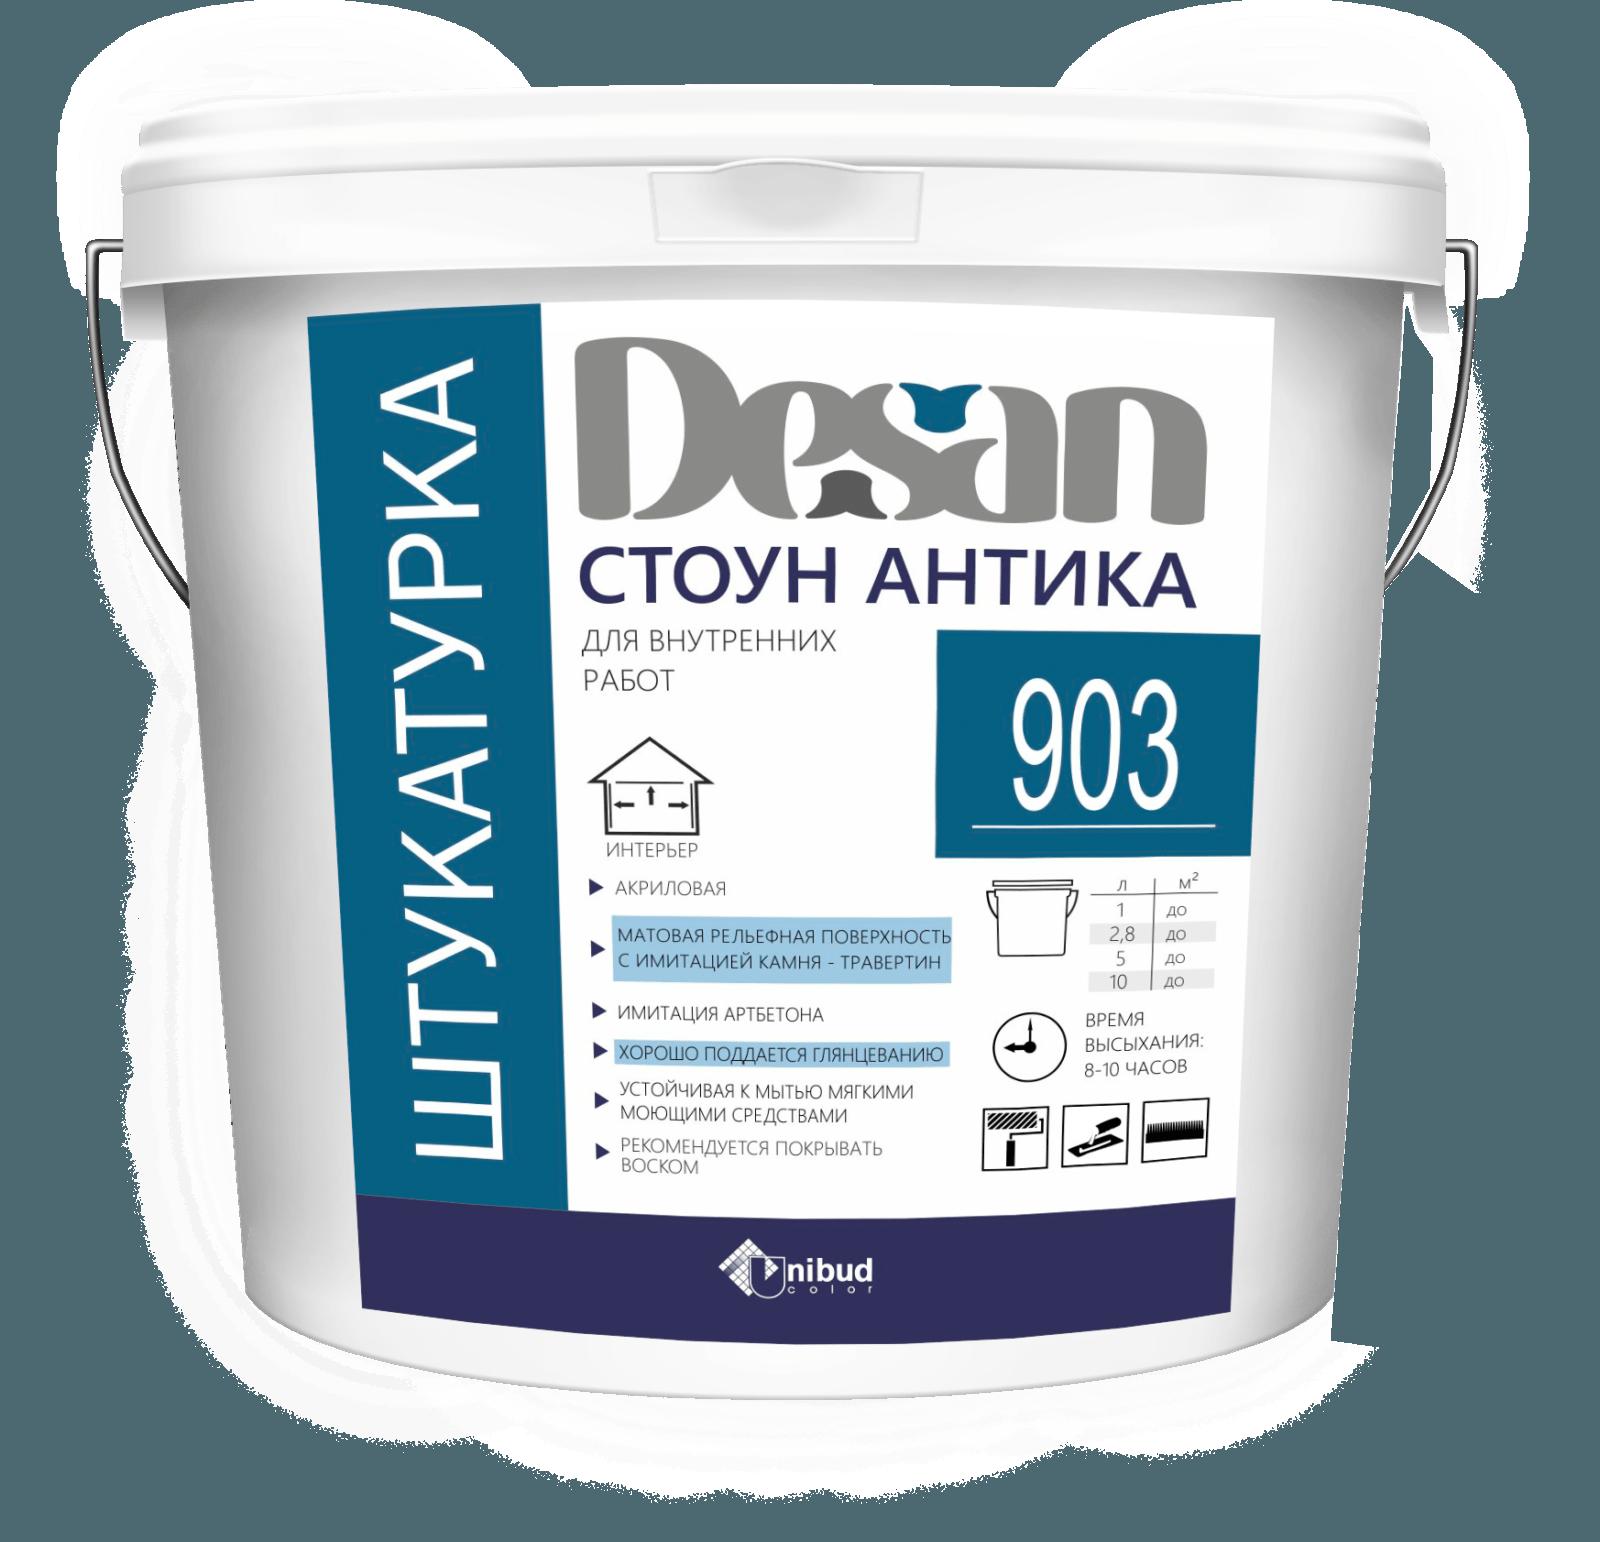 Desan Антика В П 1 ПС 0,5